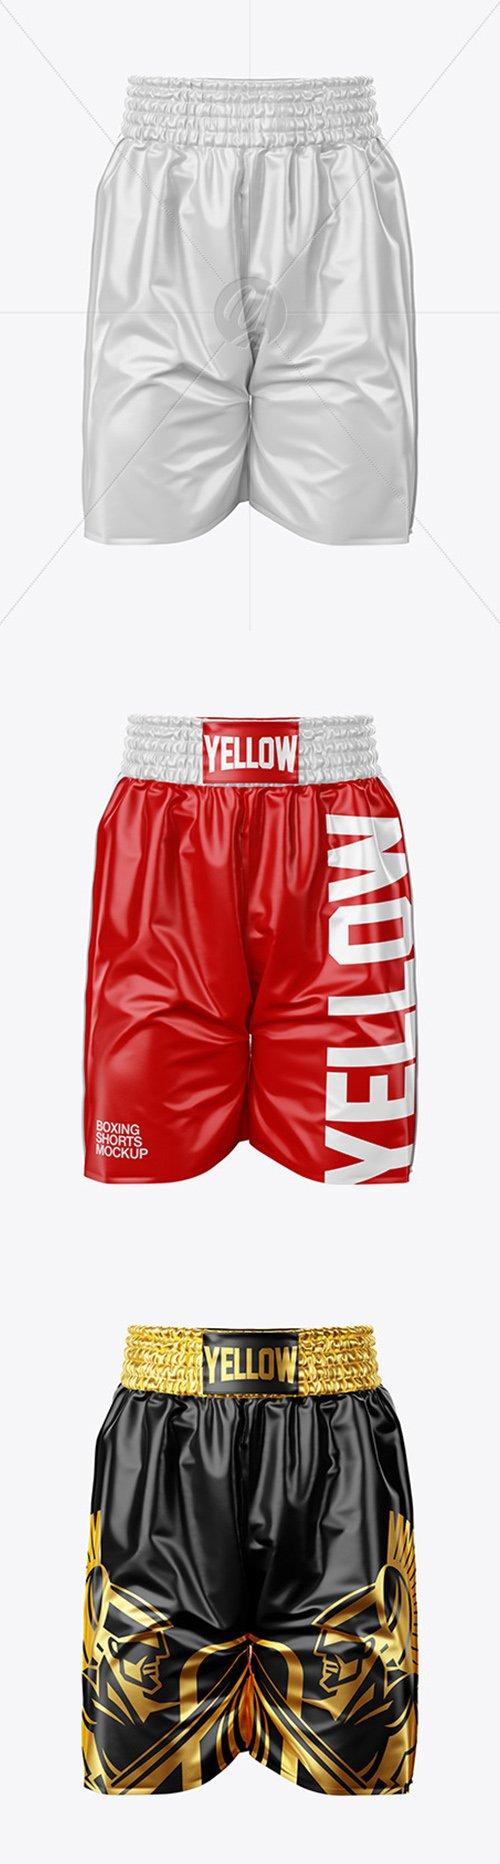 Boxing Shorts Mockup - Front View 49215